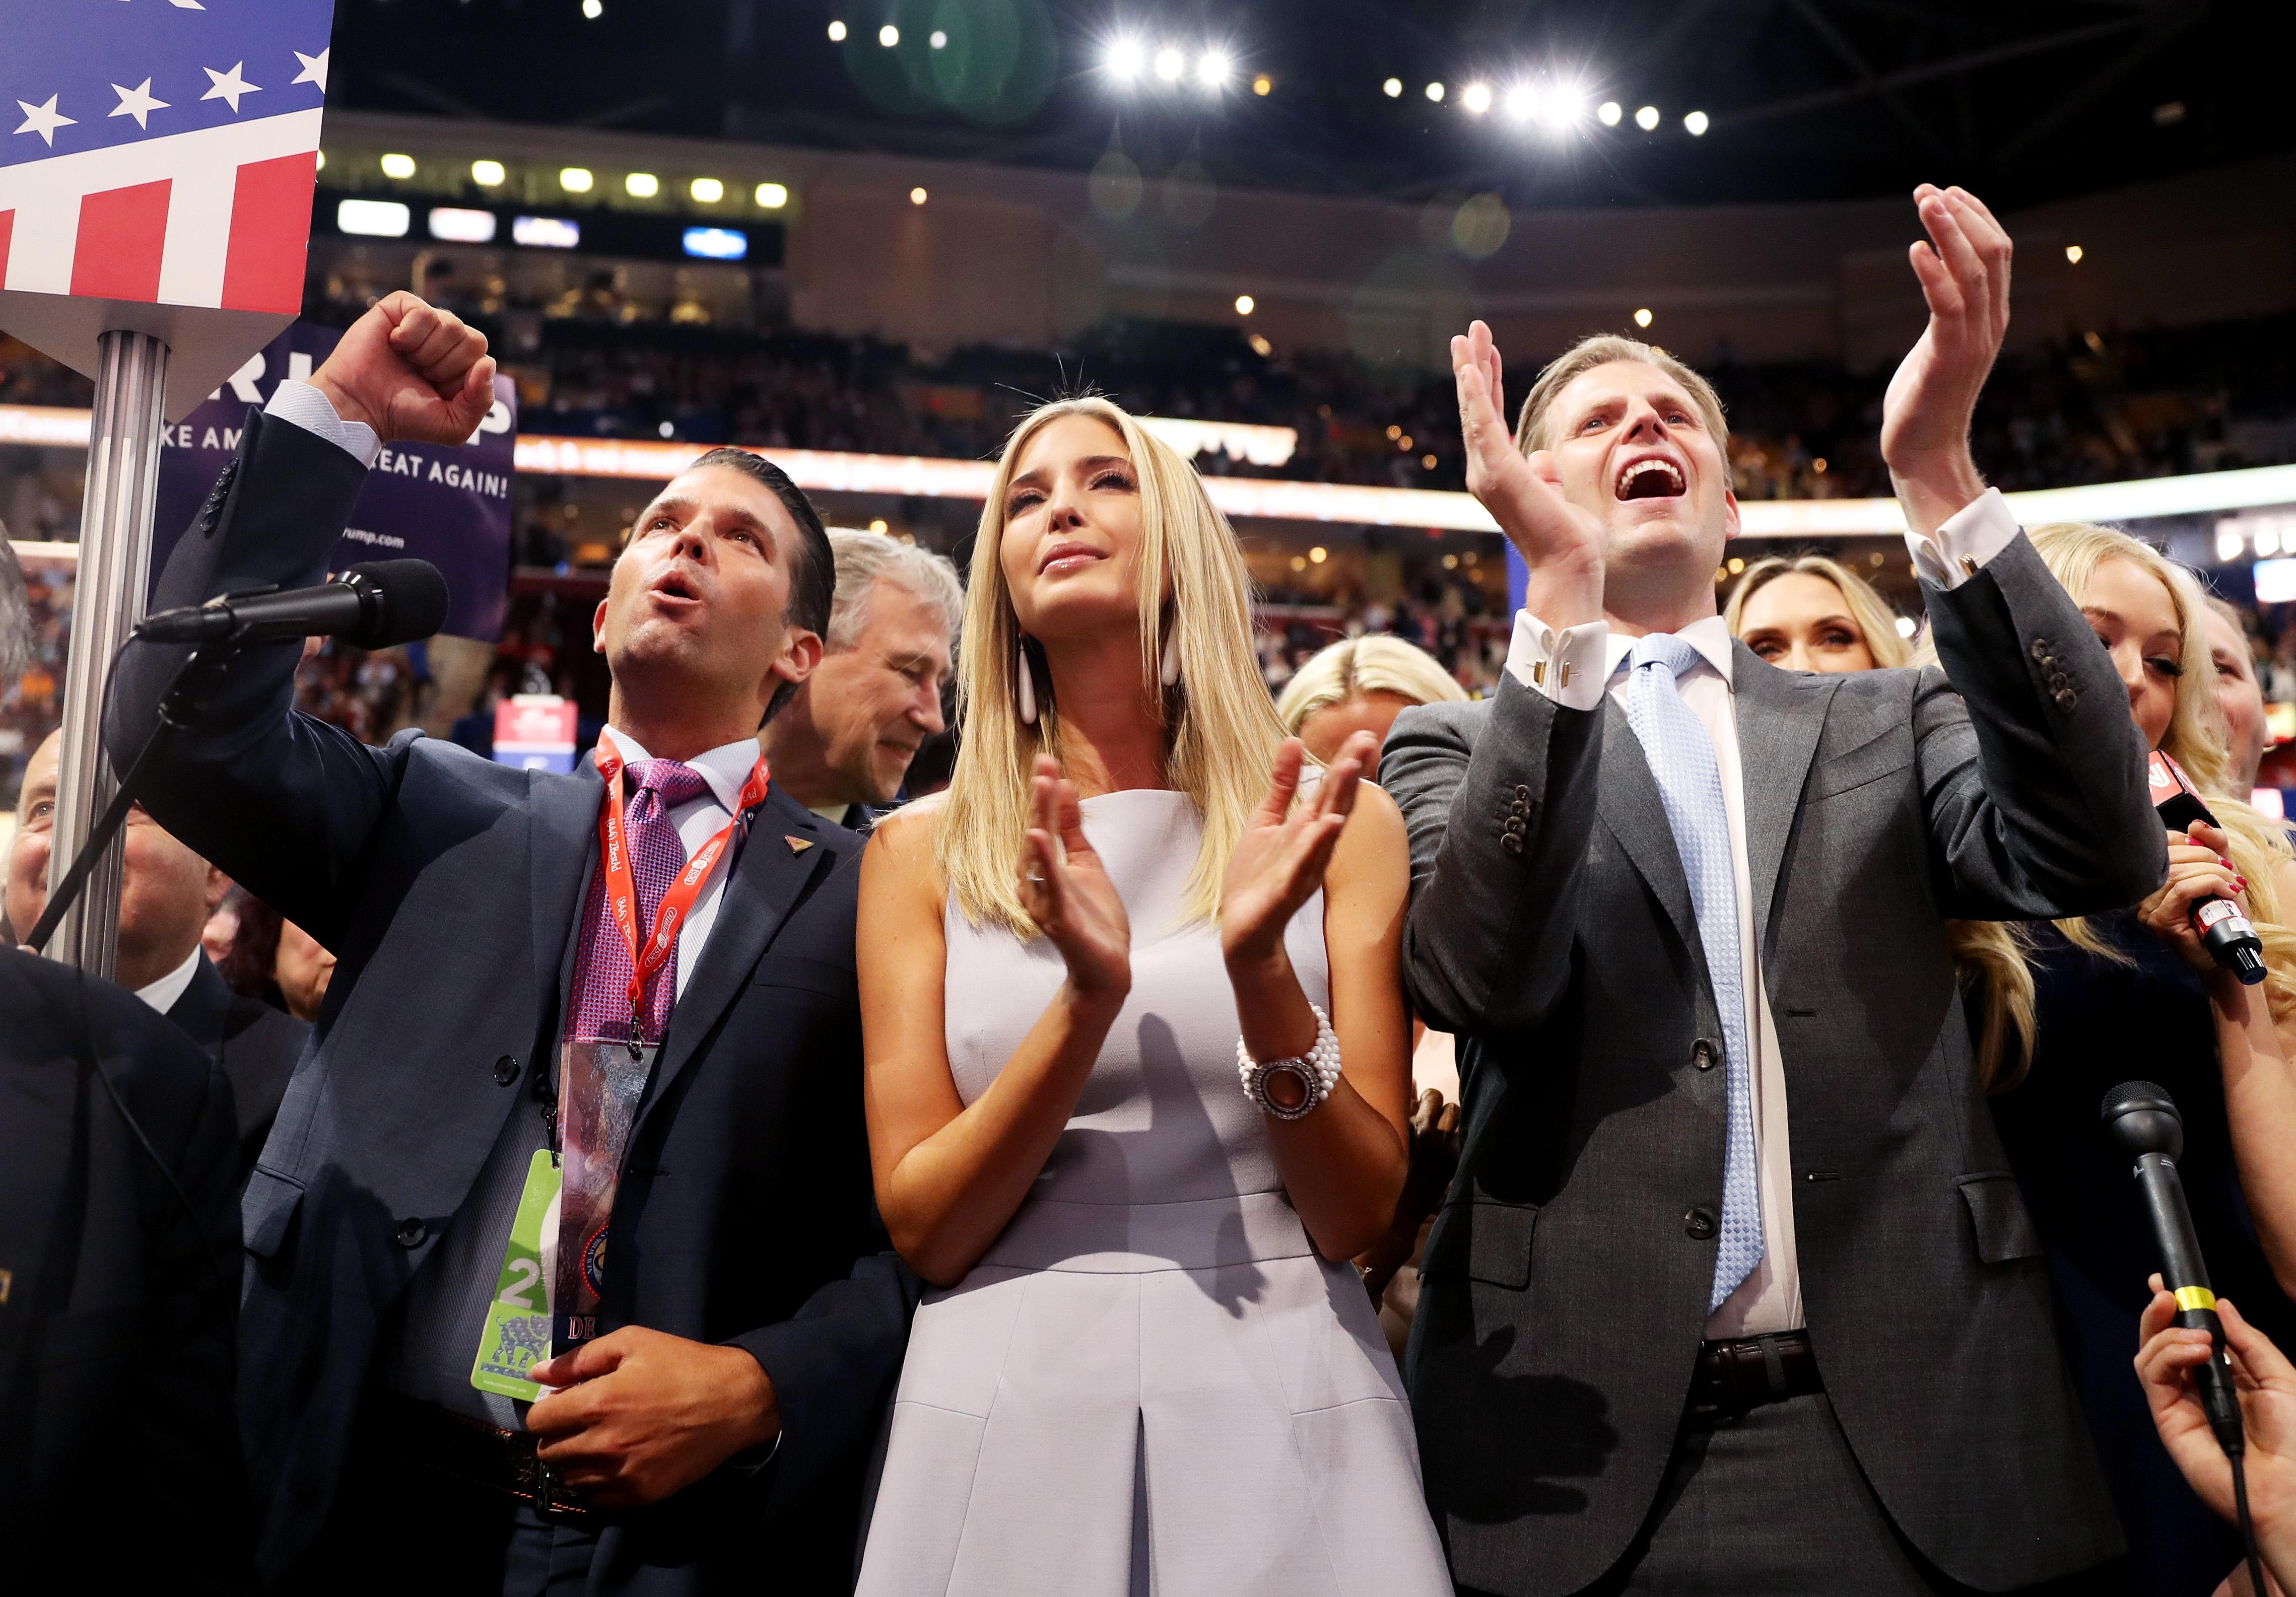 عائلة دونالد ترامب بعد الفوز بالترشيح